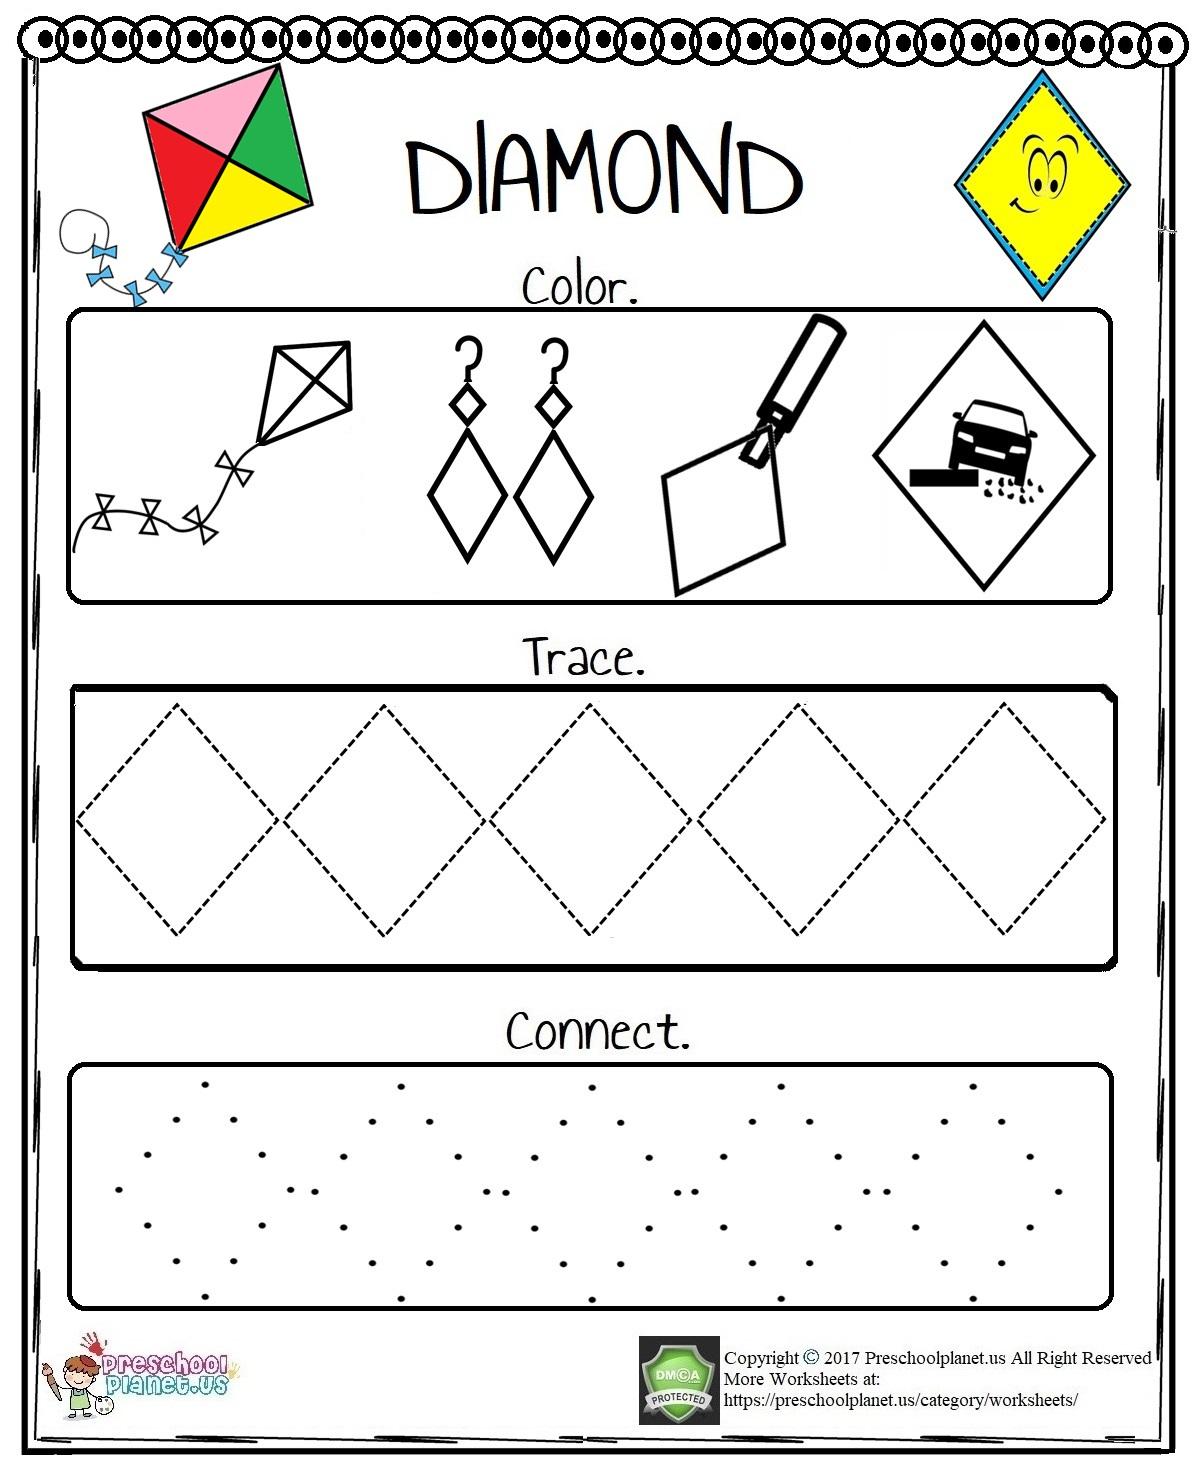 Printable Five Senses Worksheet Preschoolplanet